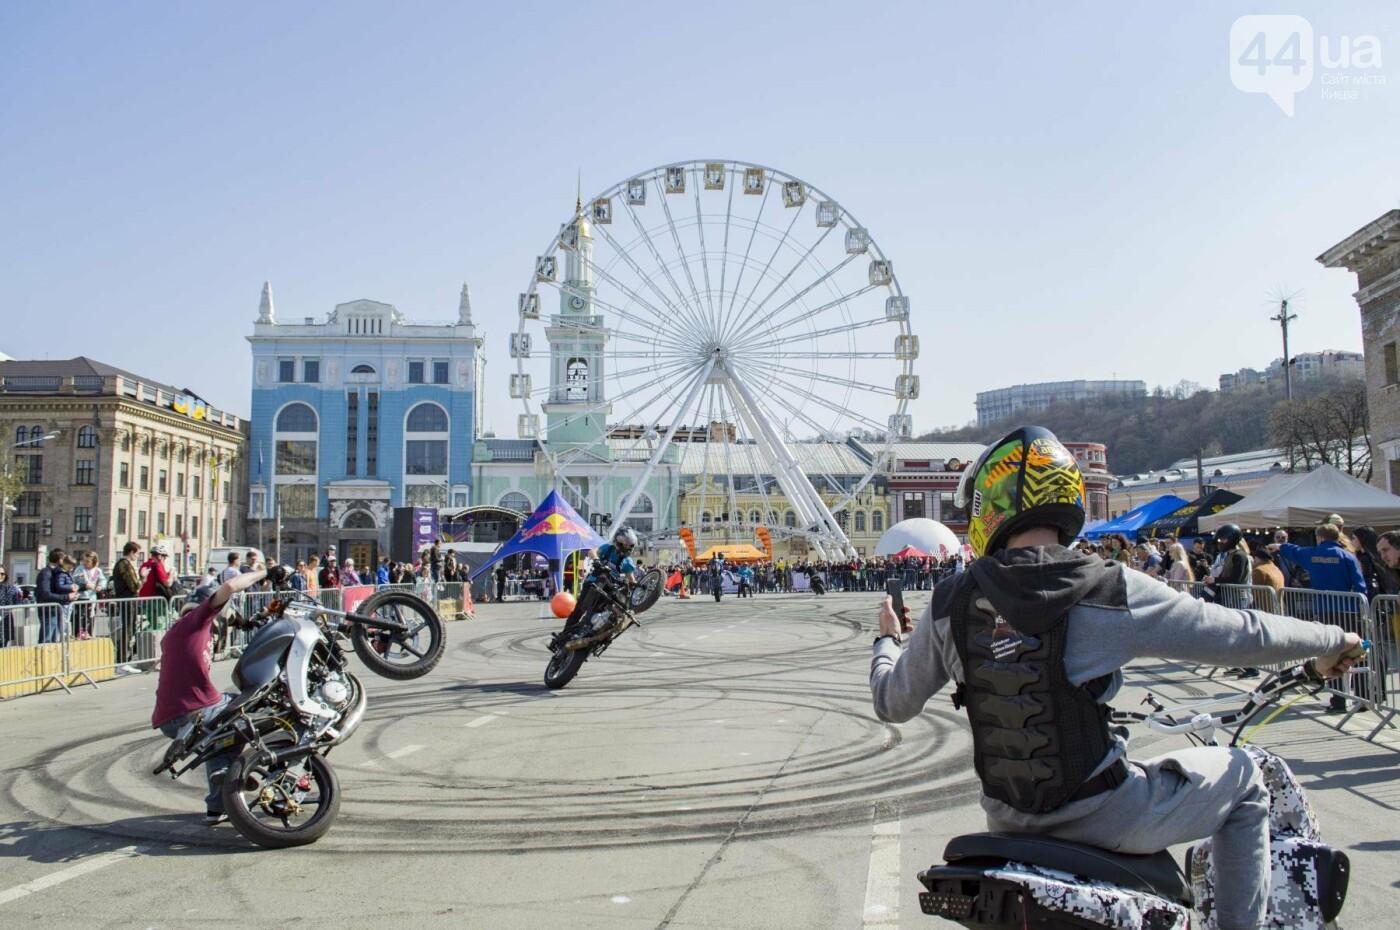 Мотогонки, автошоу патрульных и мощный дрифт: на Подоле проходит масштабный фестиваль драйва, фото-1